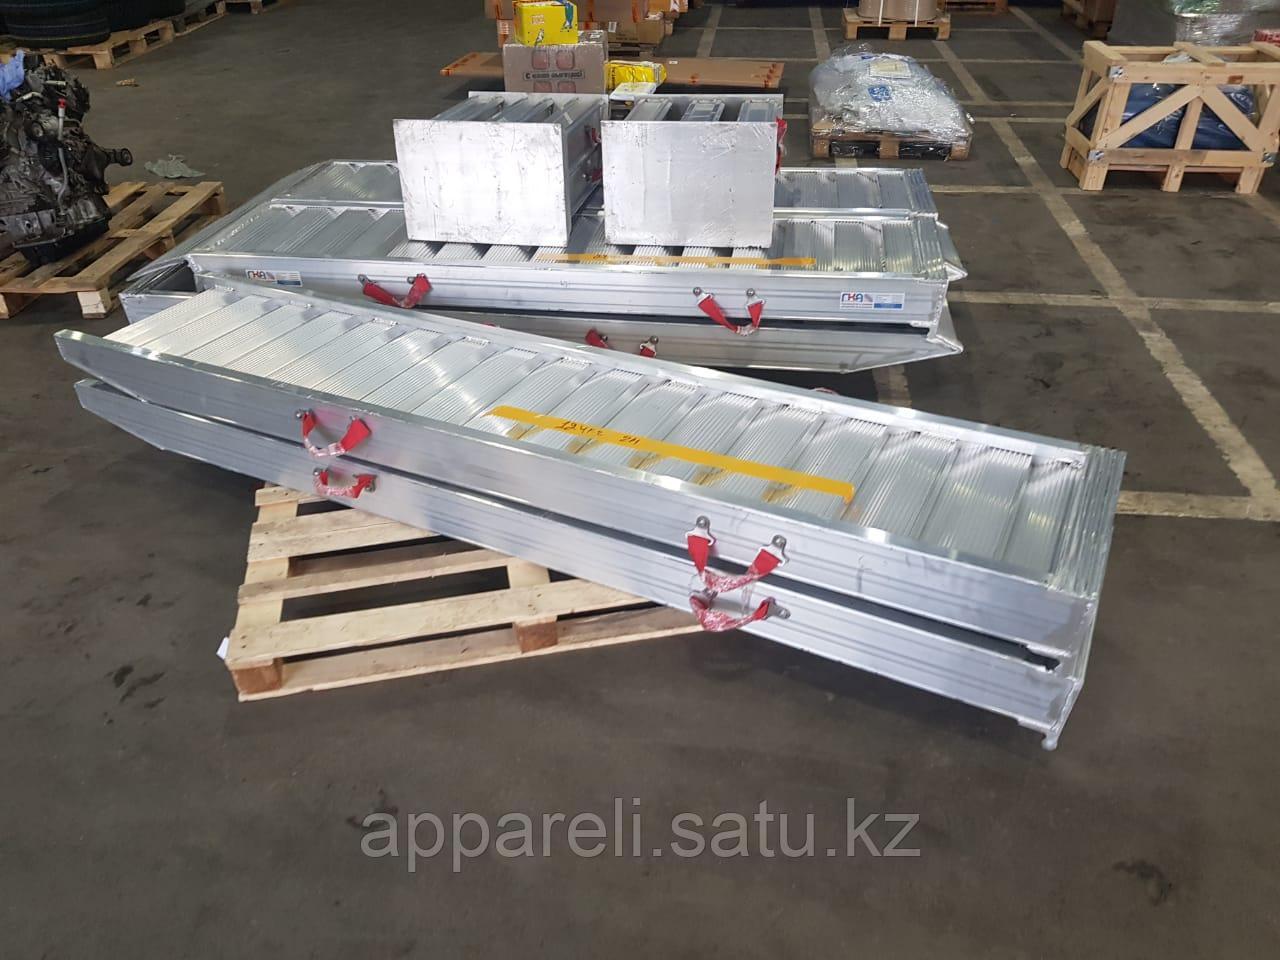 Погрузочные рампы из алюминия (аппарели / трапы) 11 тонн